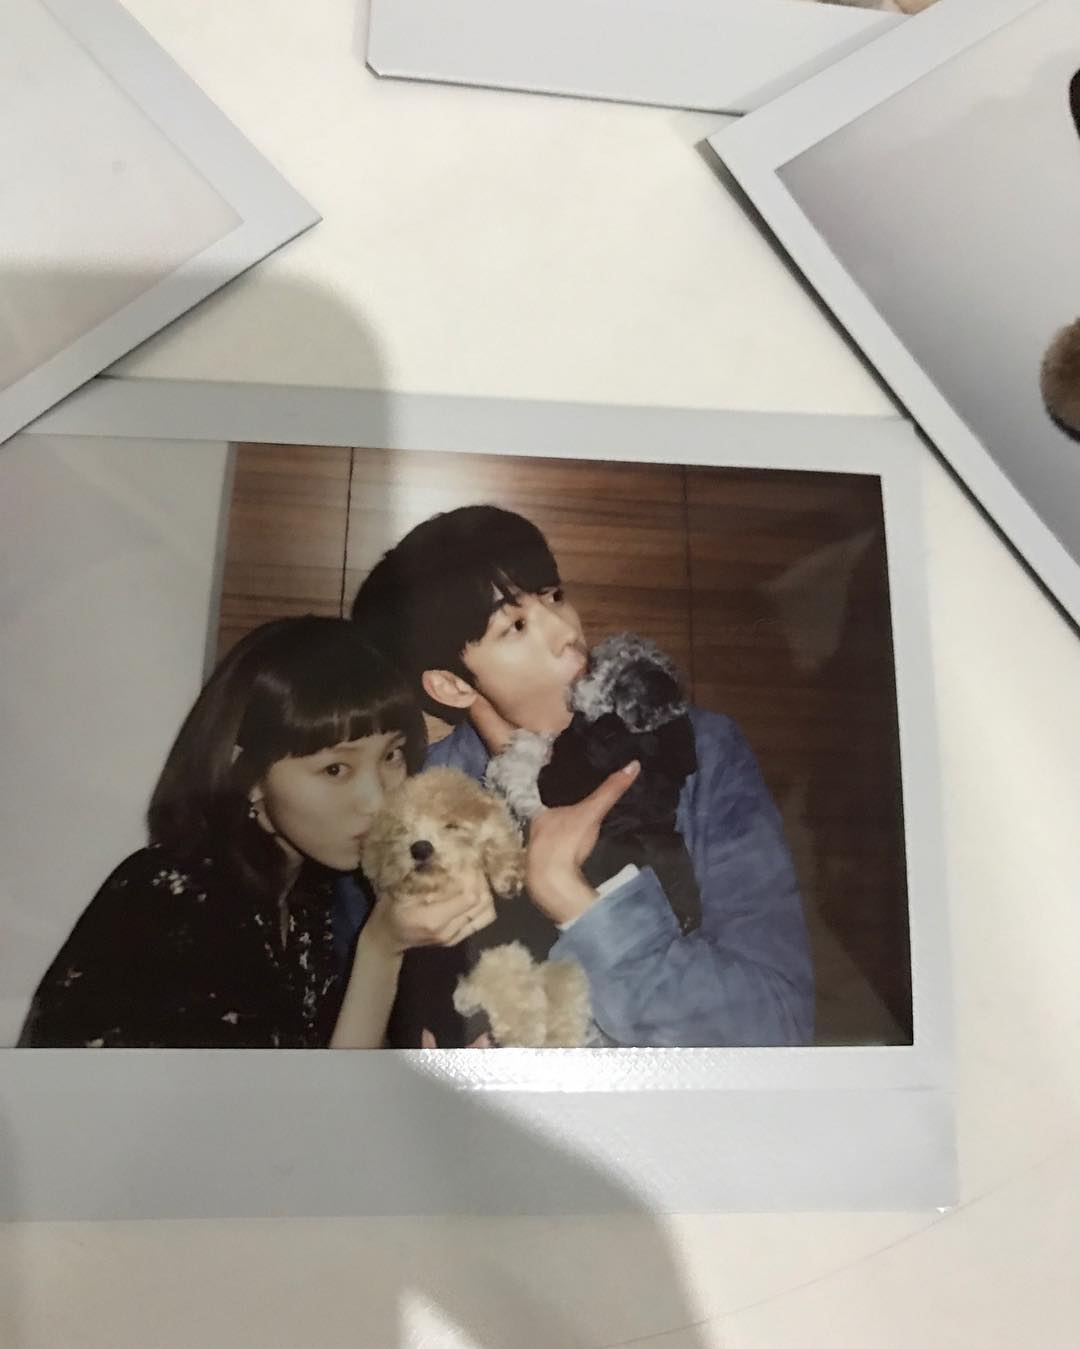 Clip Lee Sung Kyung ngại ngùng vì bất ngờ bị bắt gặp tại fanmeeting của Nam Joo Hyuk gây chú ý - Ảnh 9.